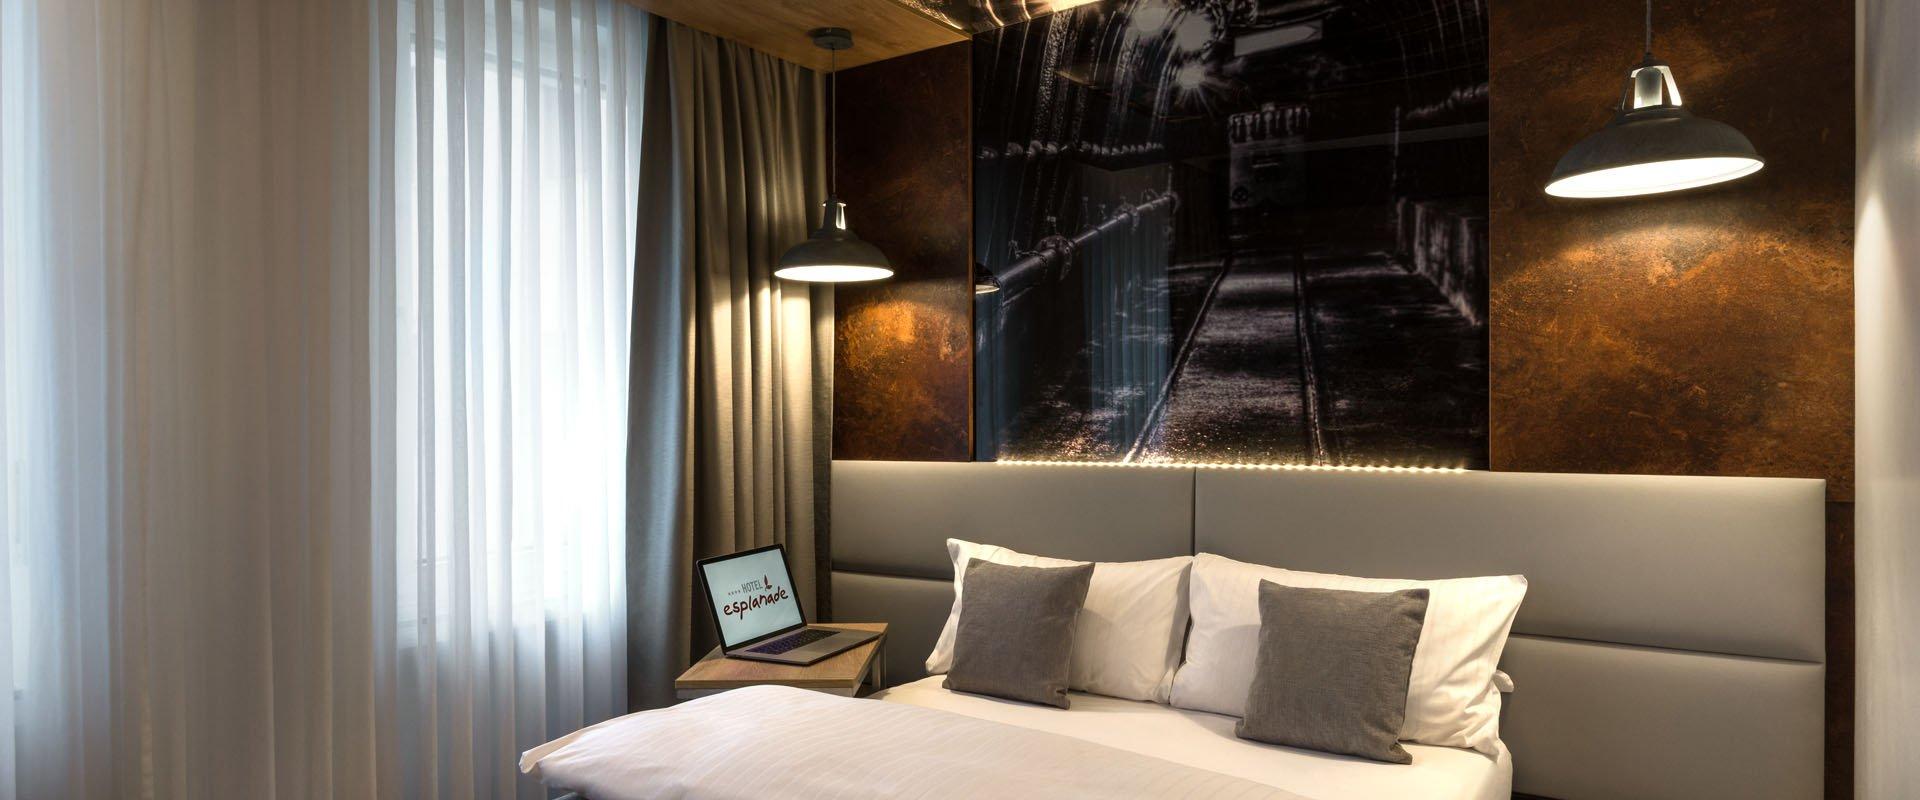 Hotel Esplanade Dortmund - zentral in der Innenstadt